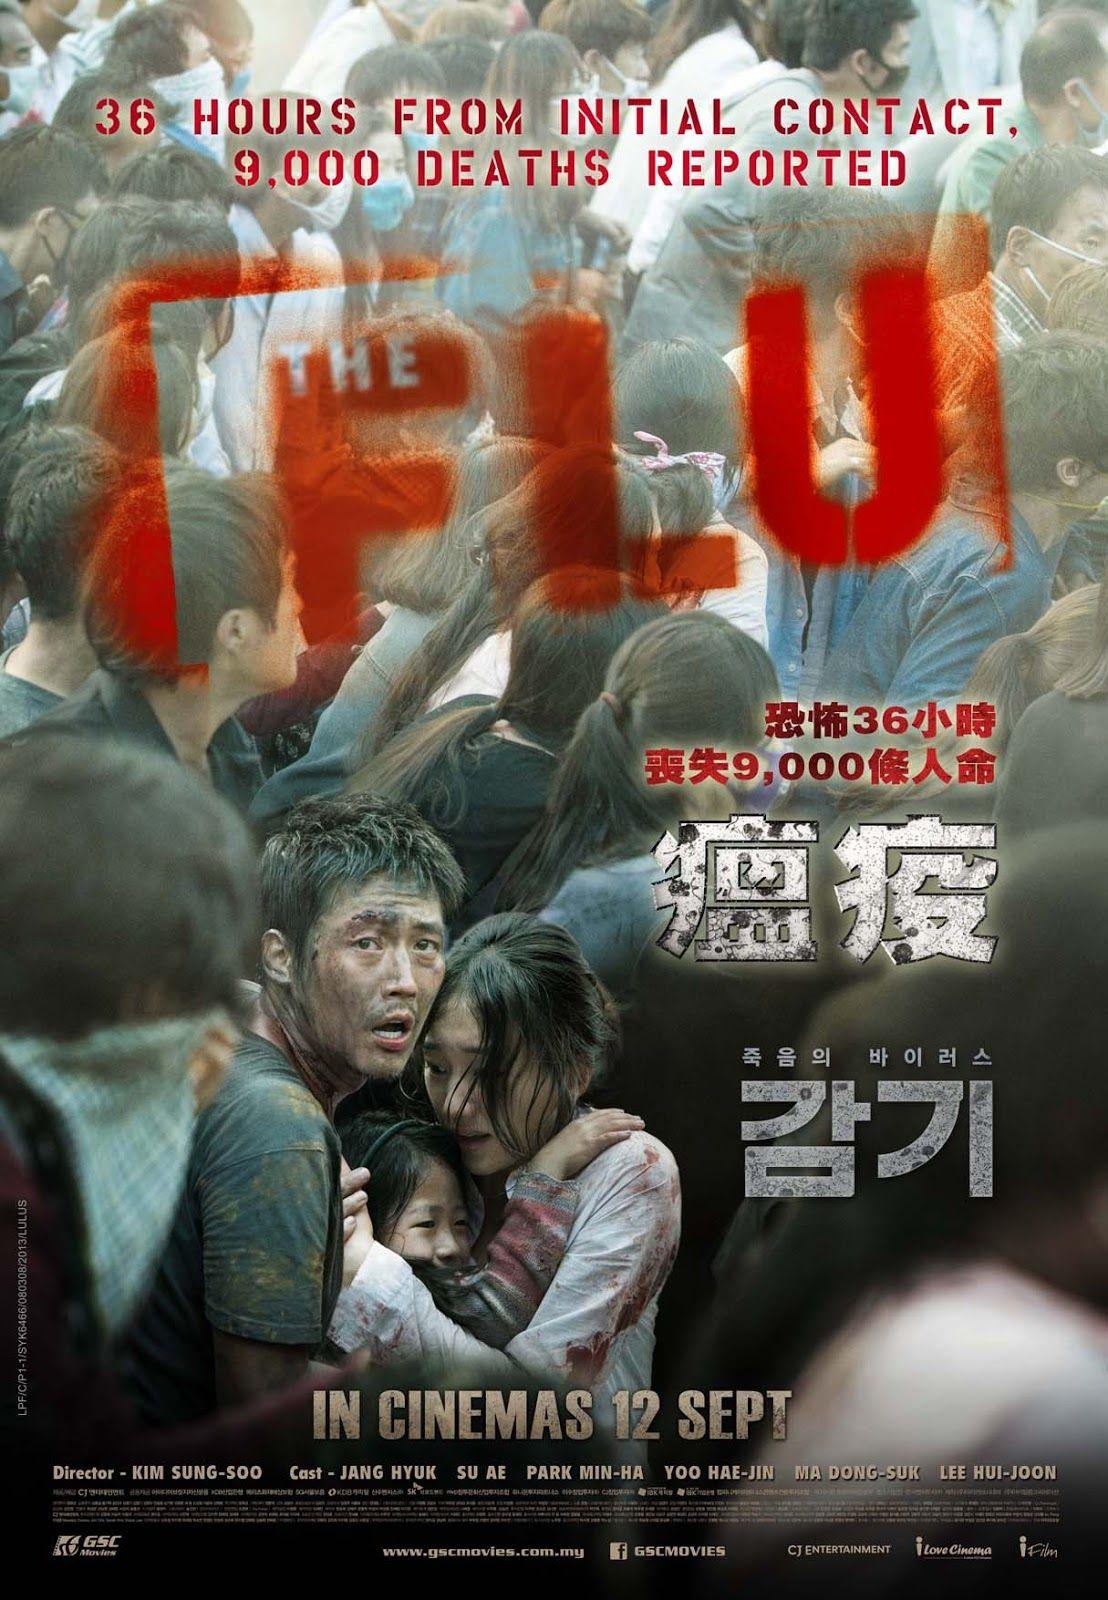 ปักพินในบอร์ด The Flu มหันตภัยไข้หวัดมฤตยู (2013) ซับไทย